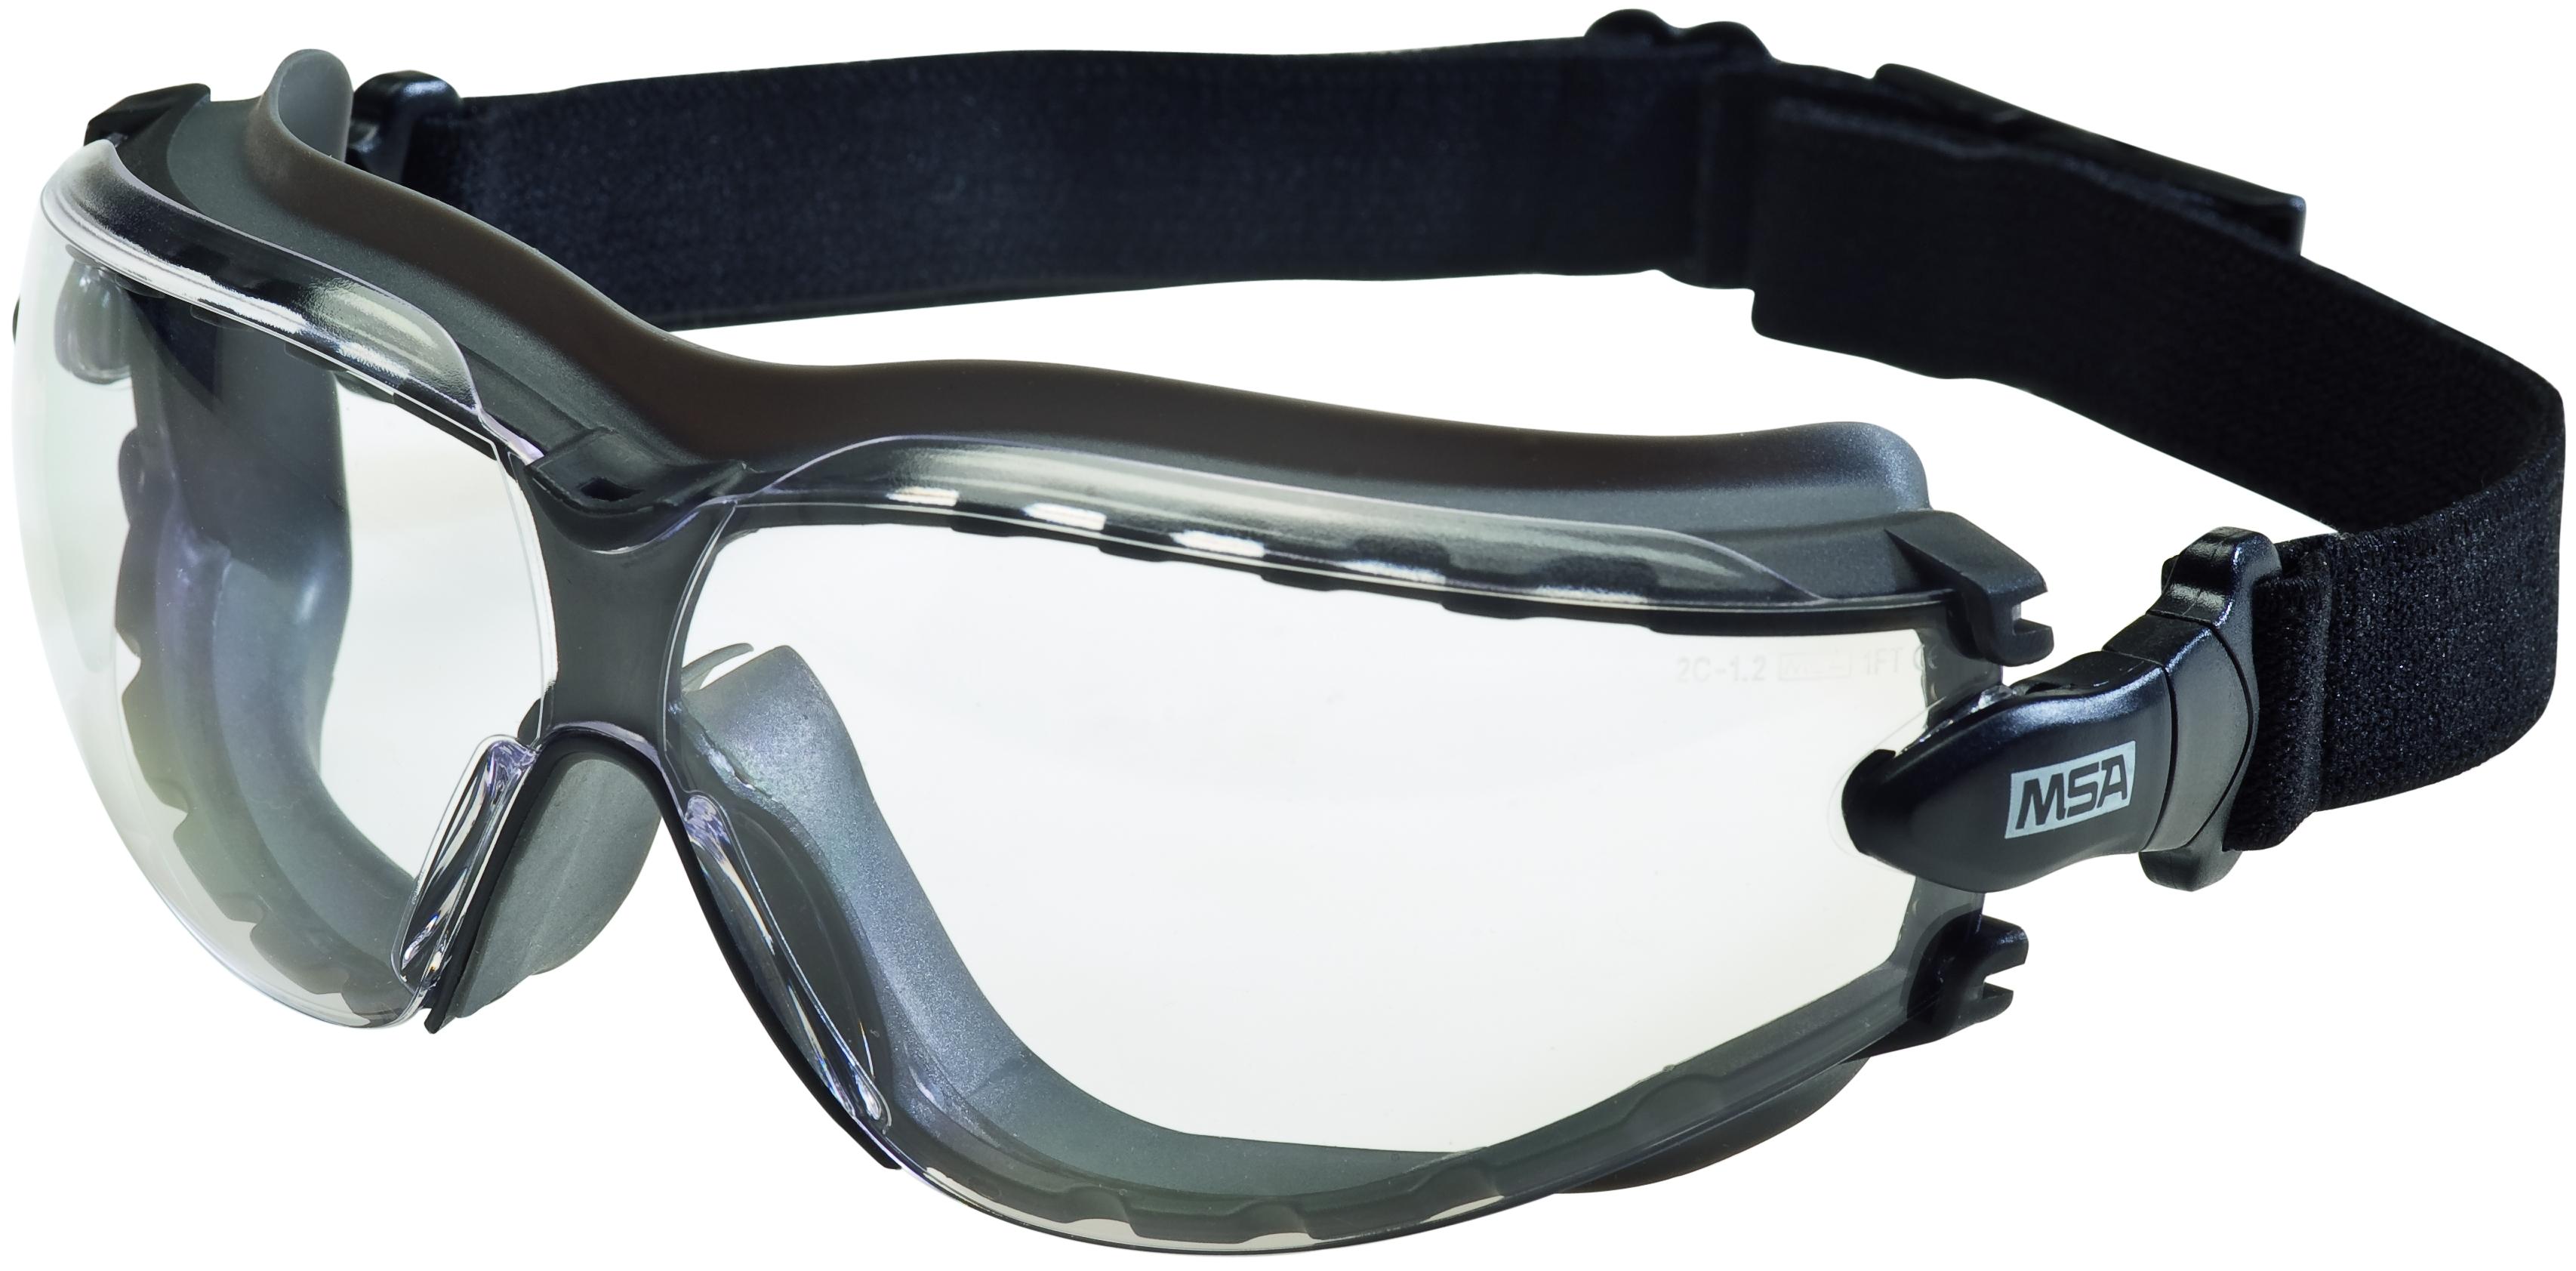 Combinaison lunettes à branches & lunette-masques - Lunettes enveloppantes : Oculaire incolore PC 9.5 - Excellente étanc